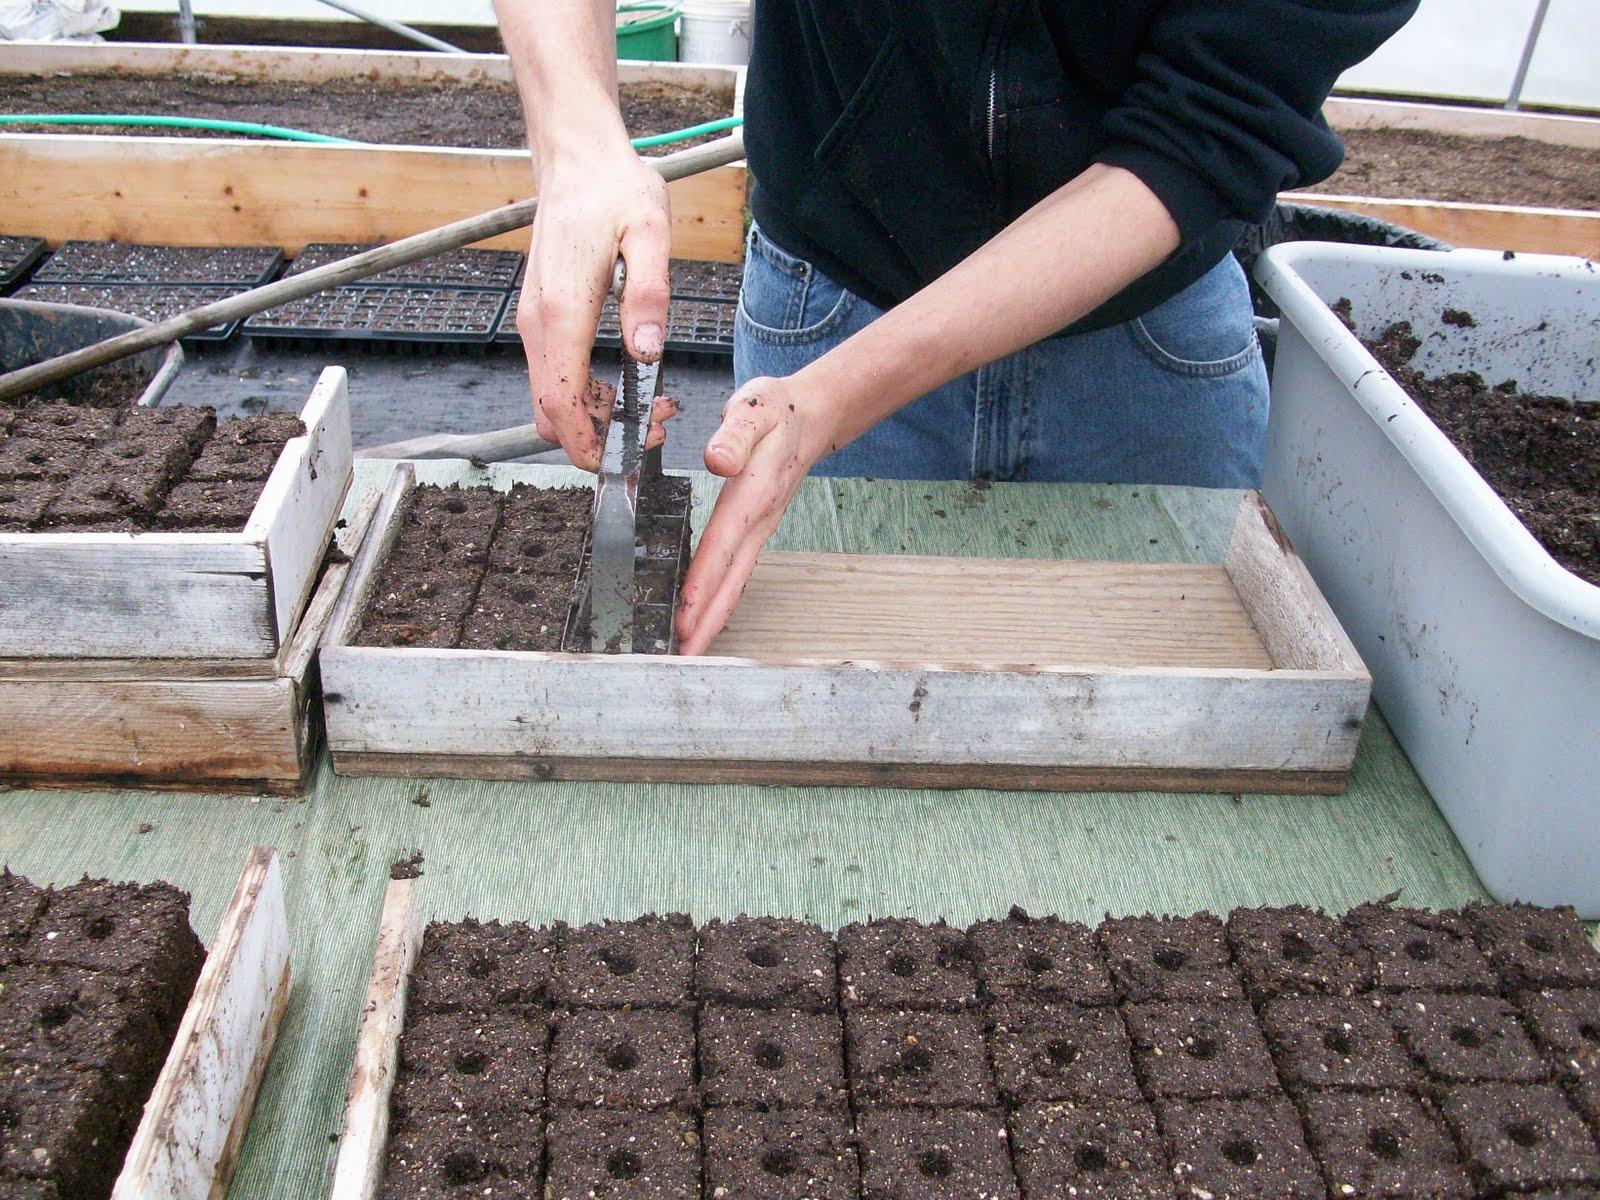 White house gardens csa for Soil block maker